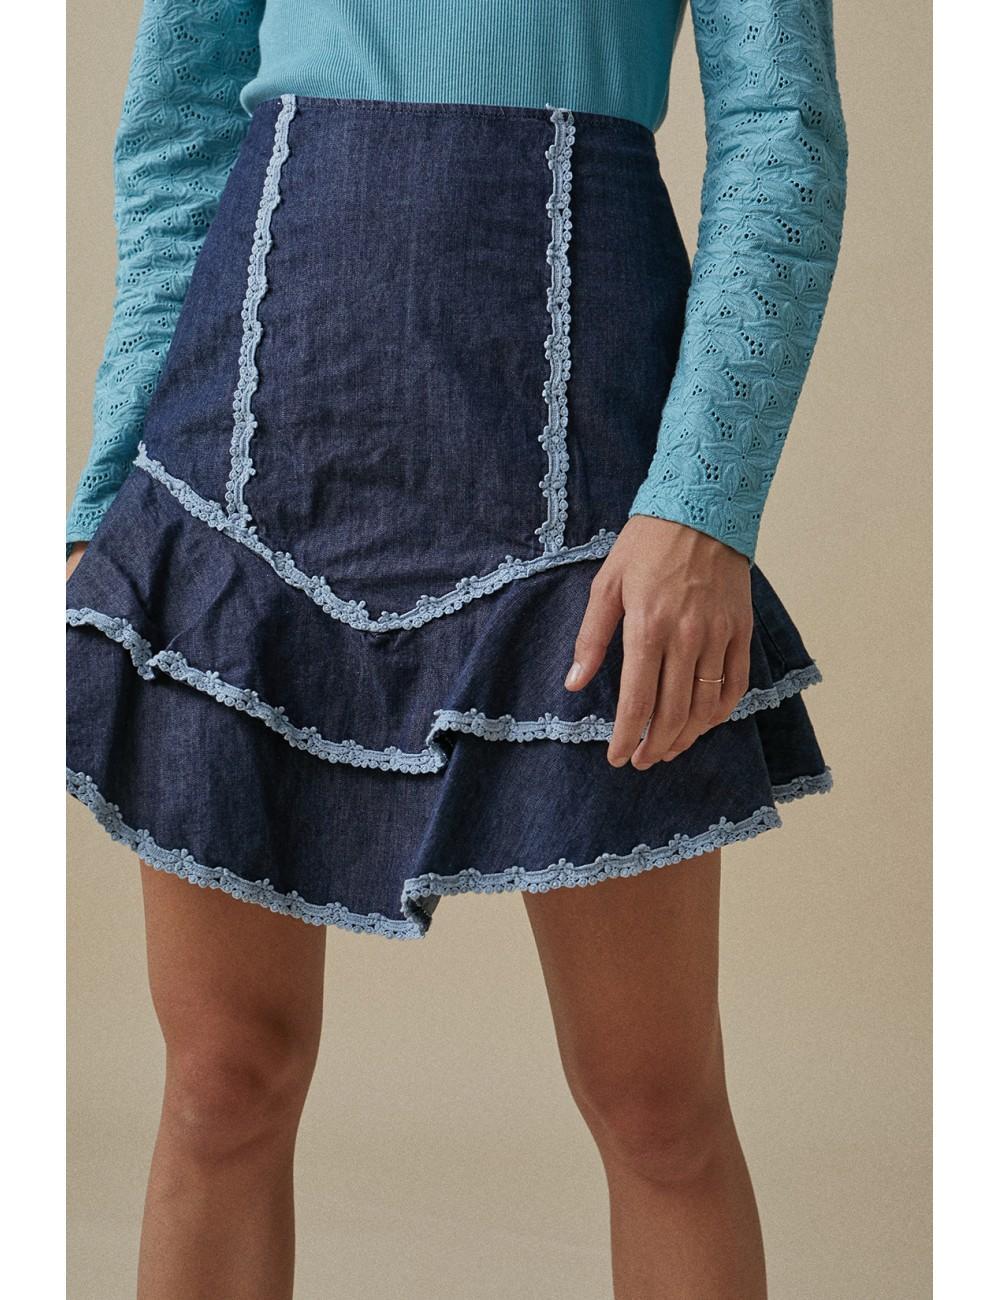 Mini falda denim.  Entallada en cintura, cierre trasero.  Detalle volantes en el bajo.